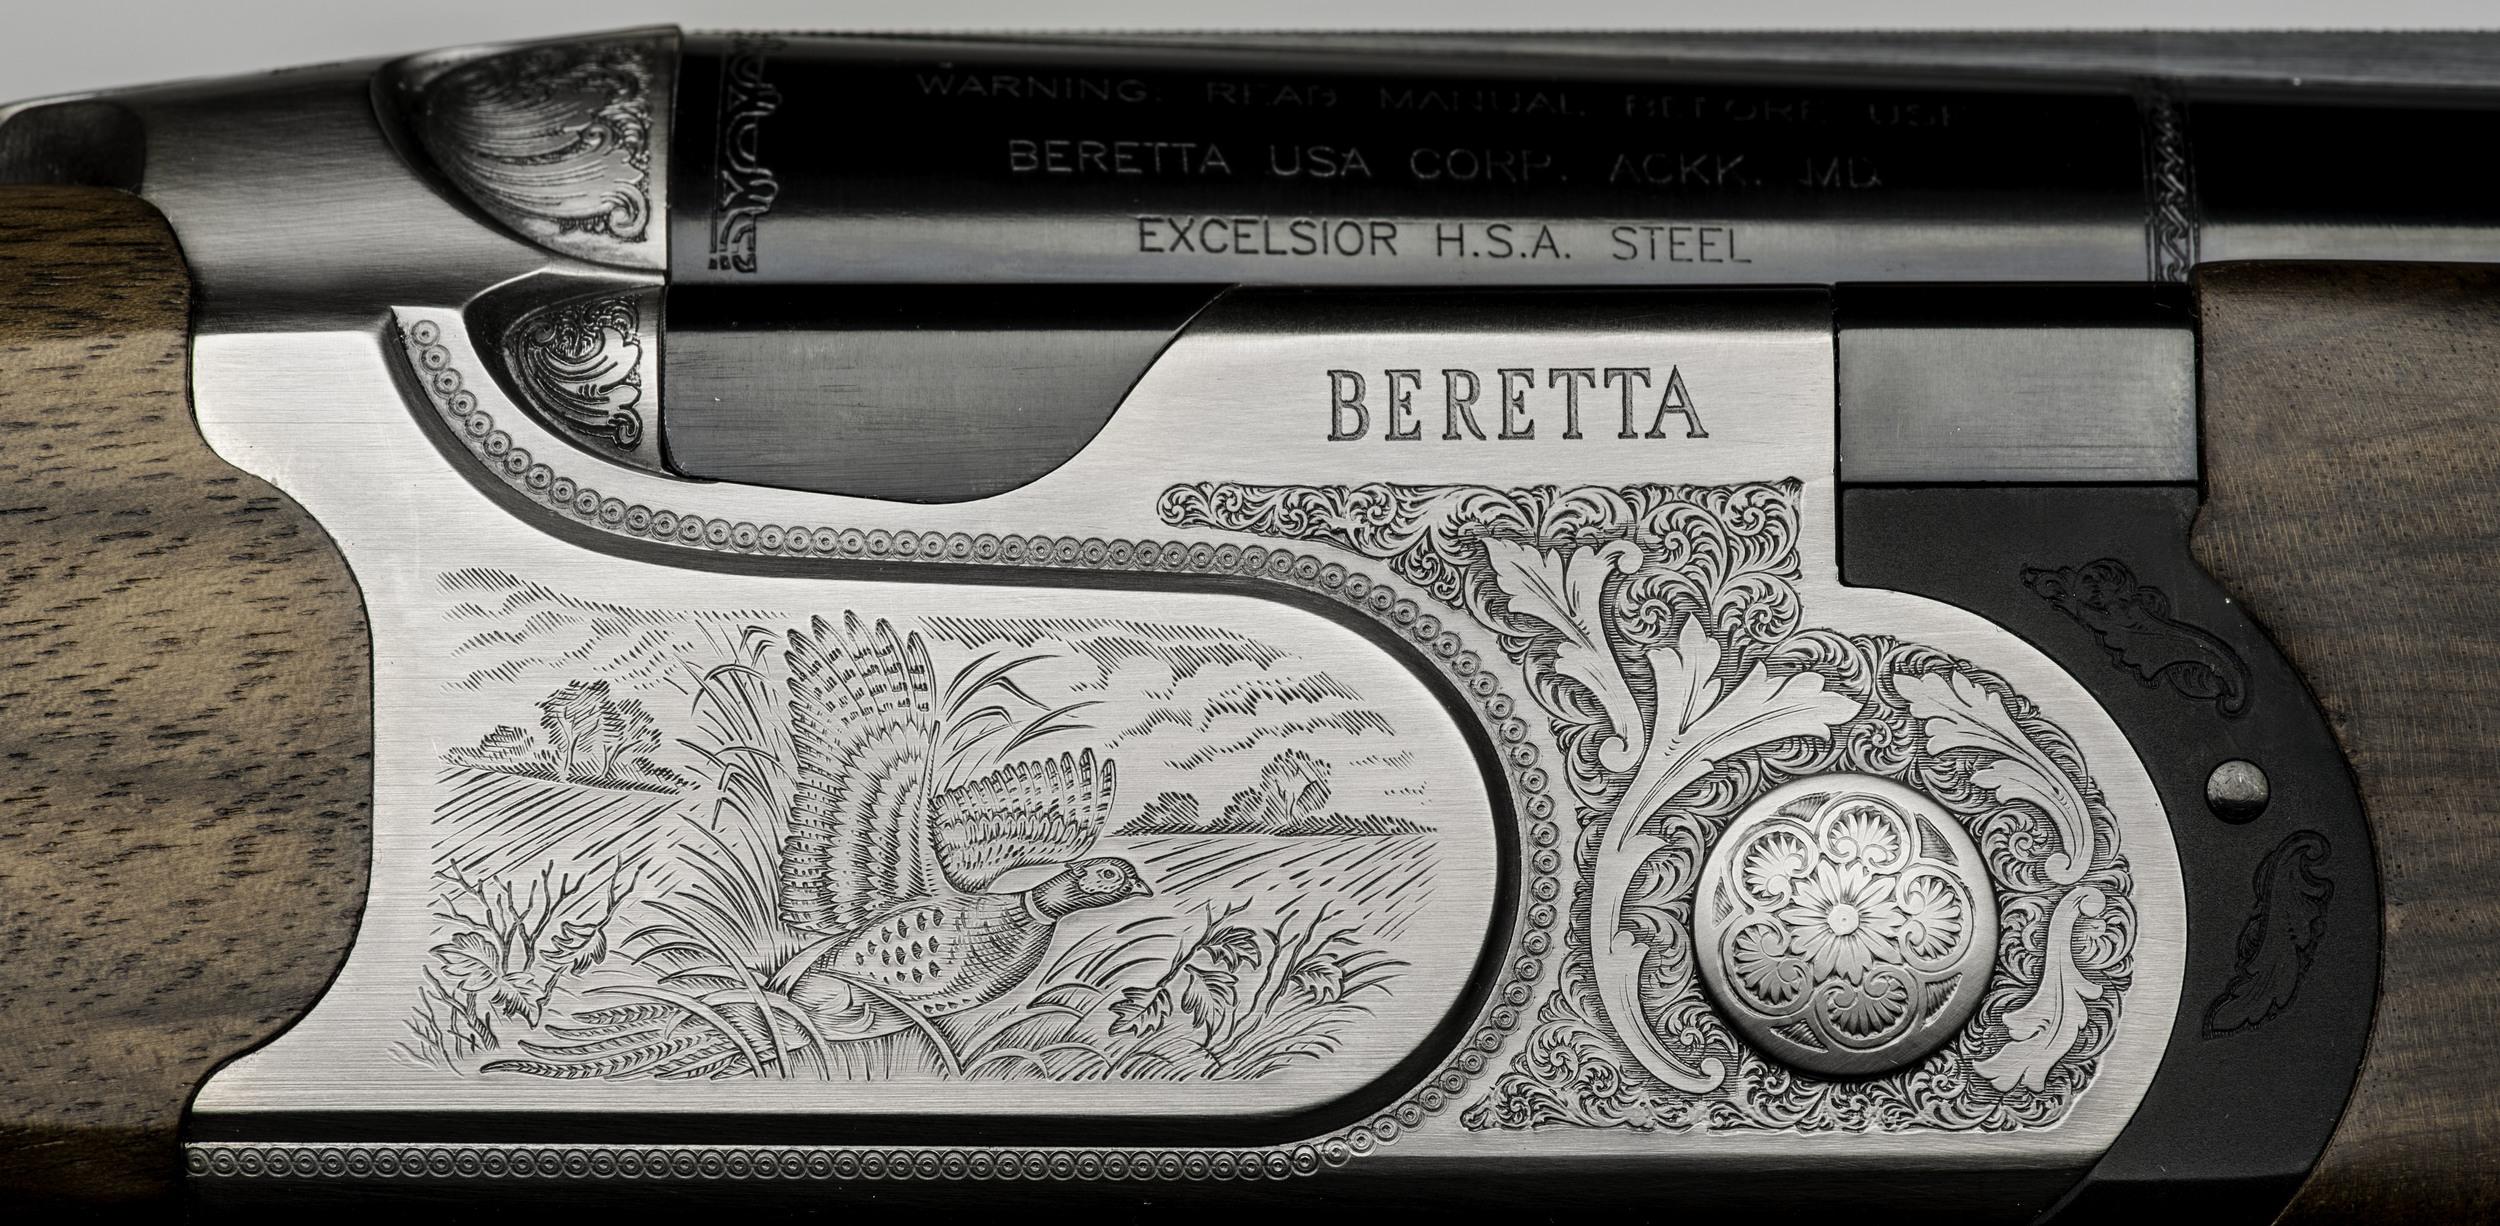 Detail of a Beretta shotgun